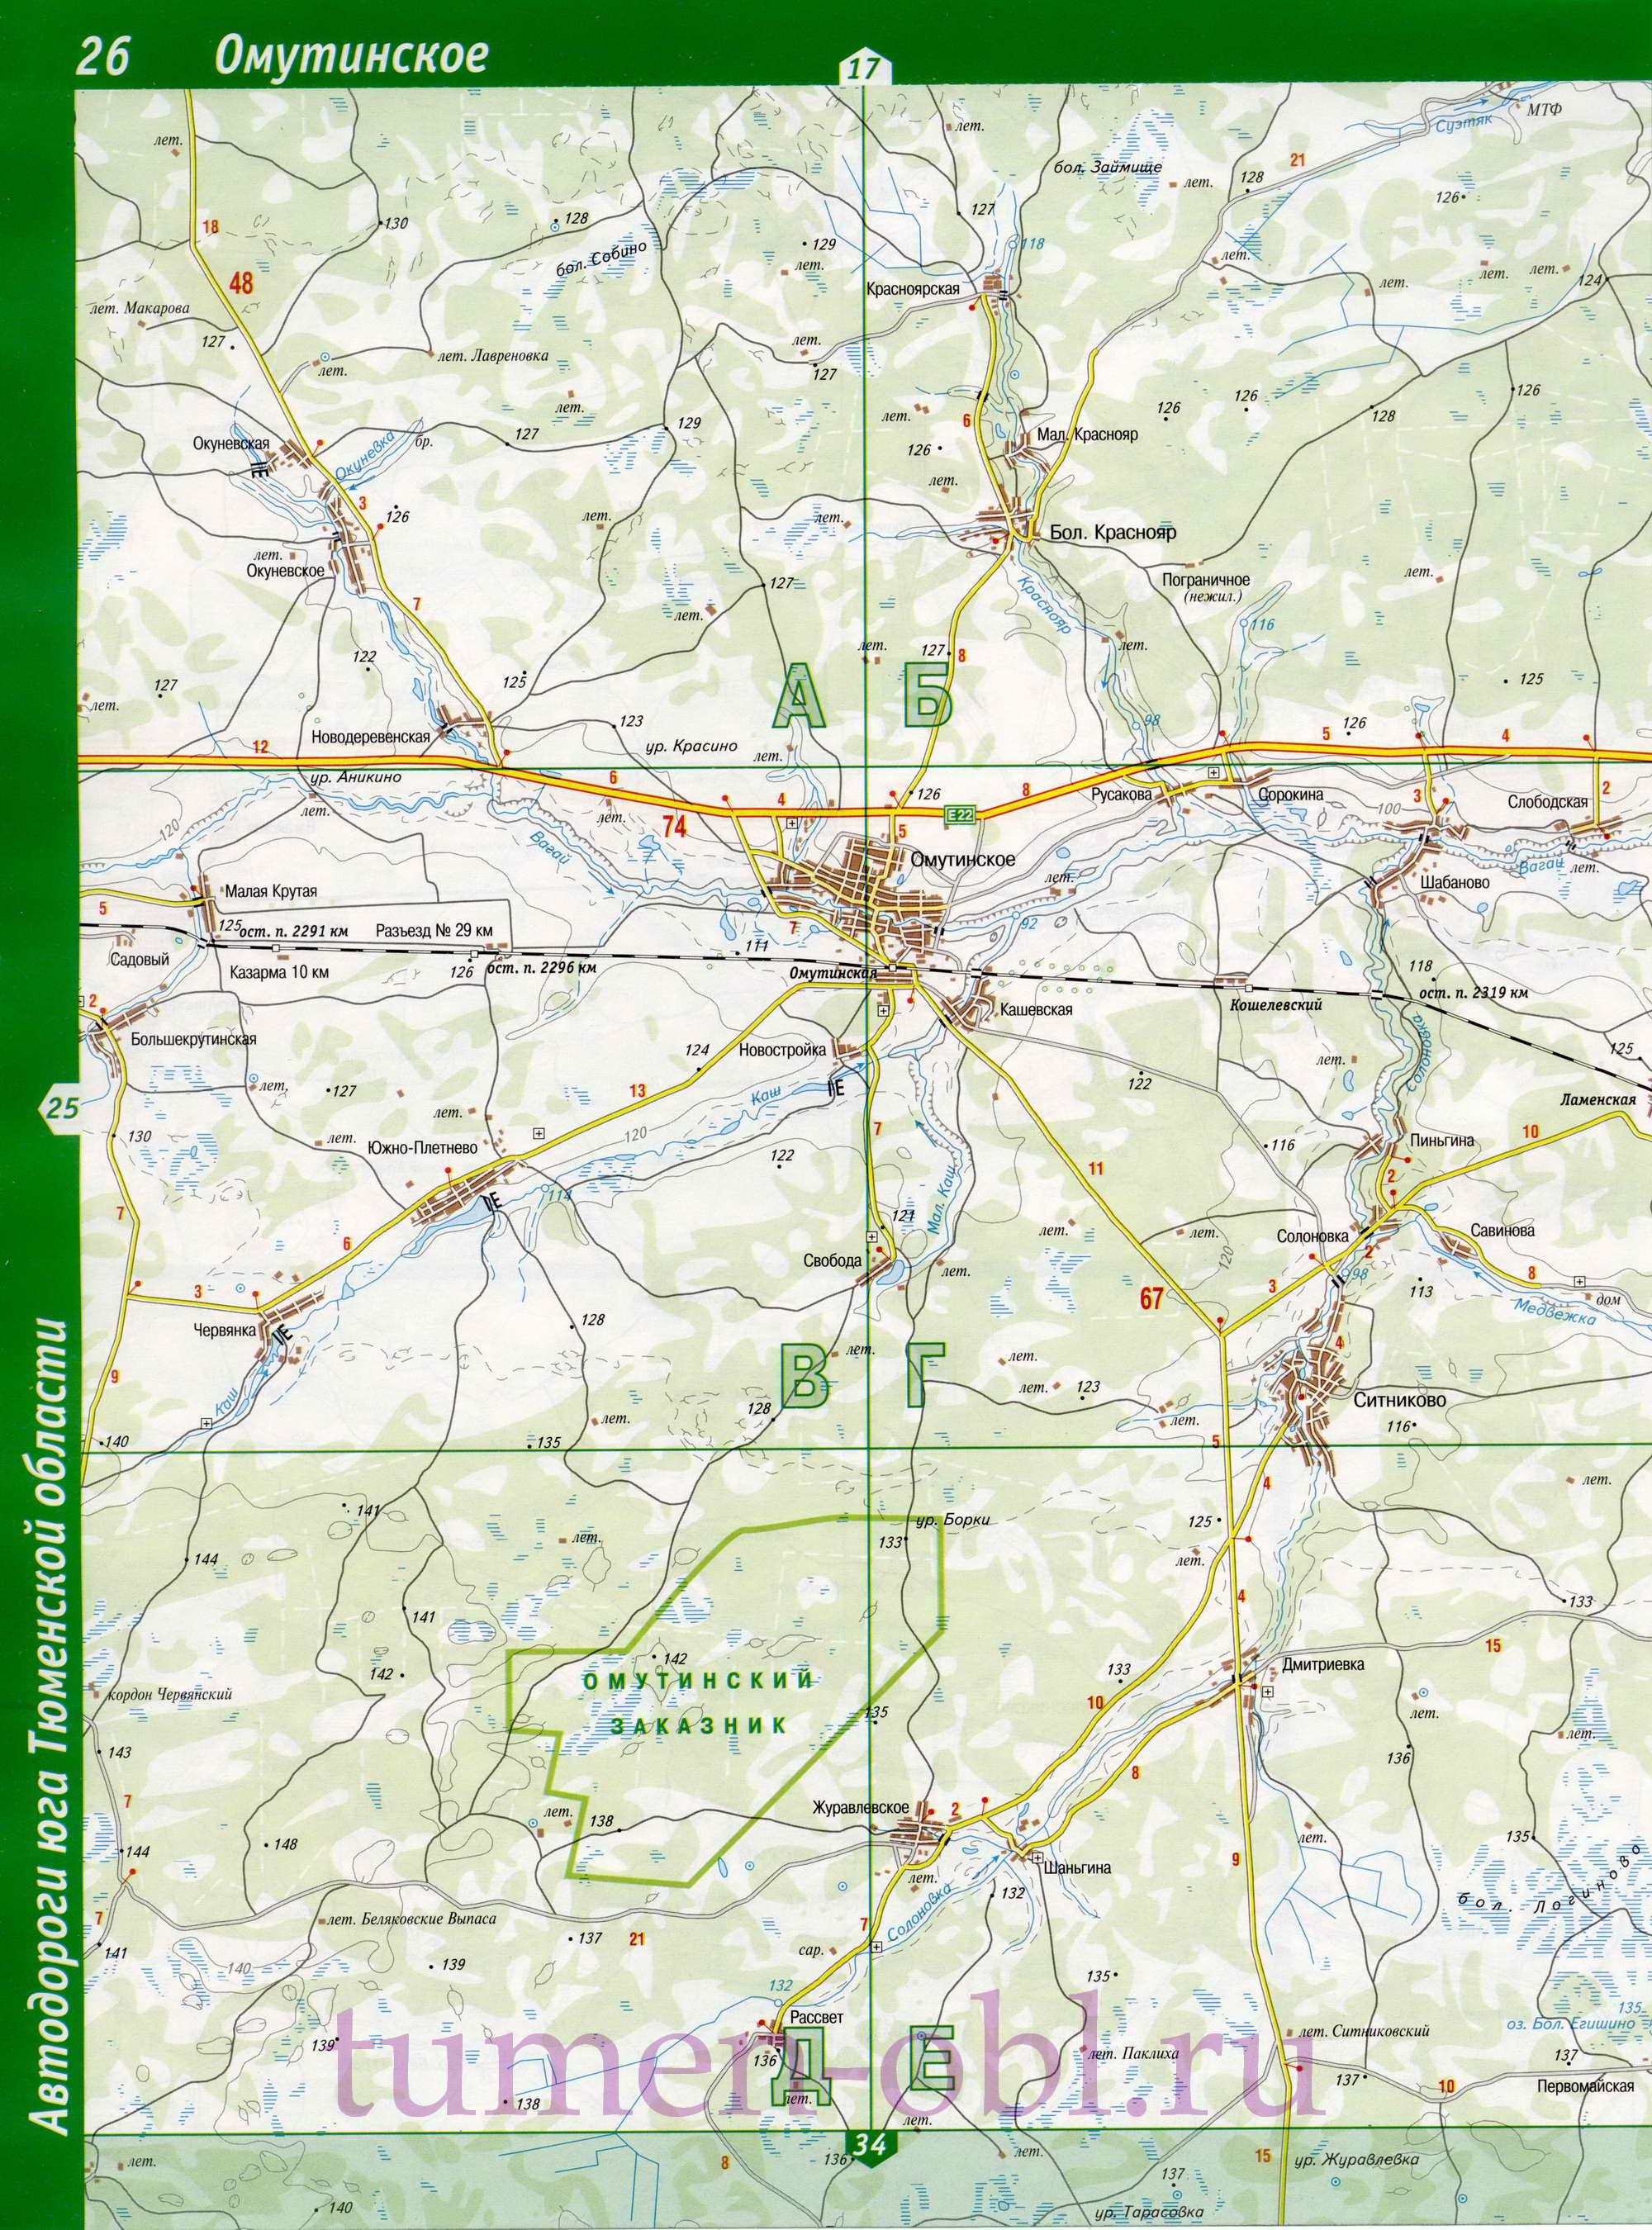 Карта омутинского района, тюменская обл. подробная карта - о.